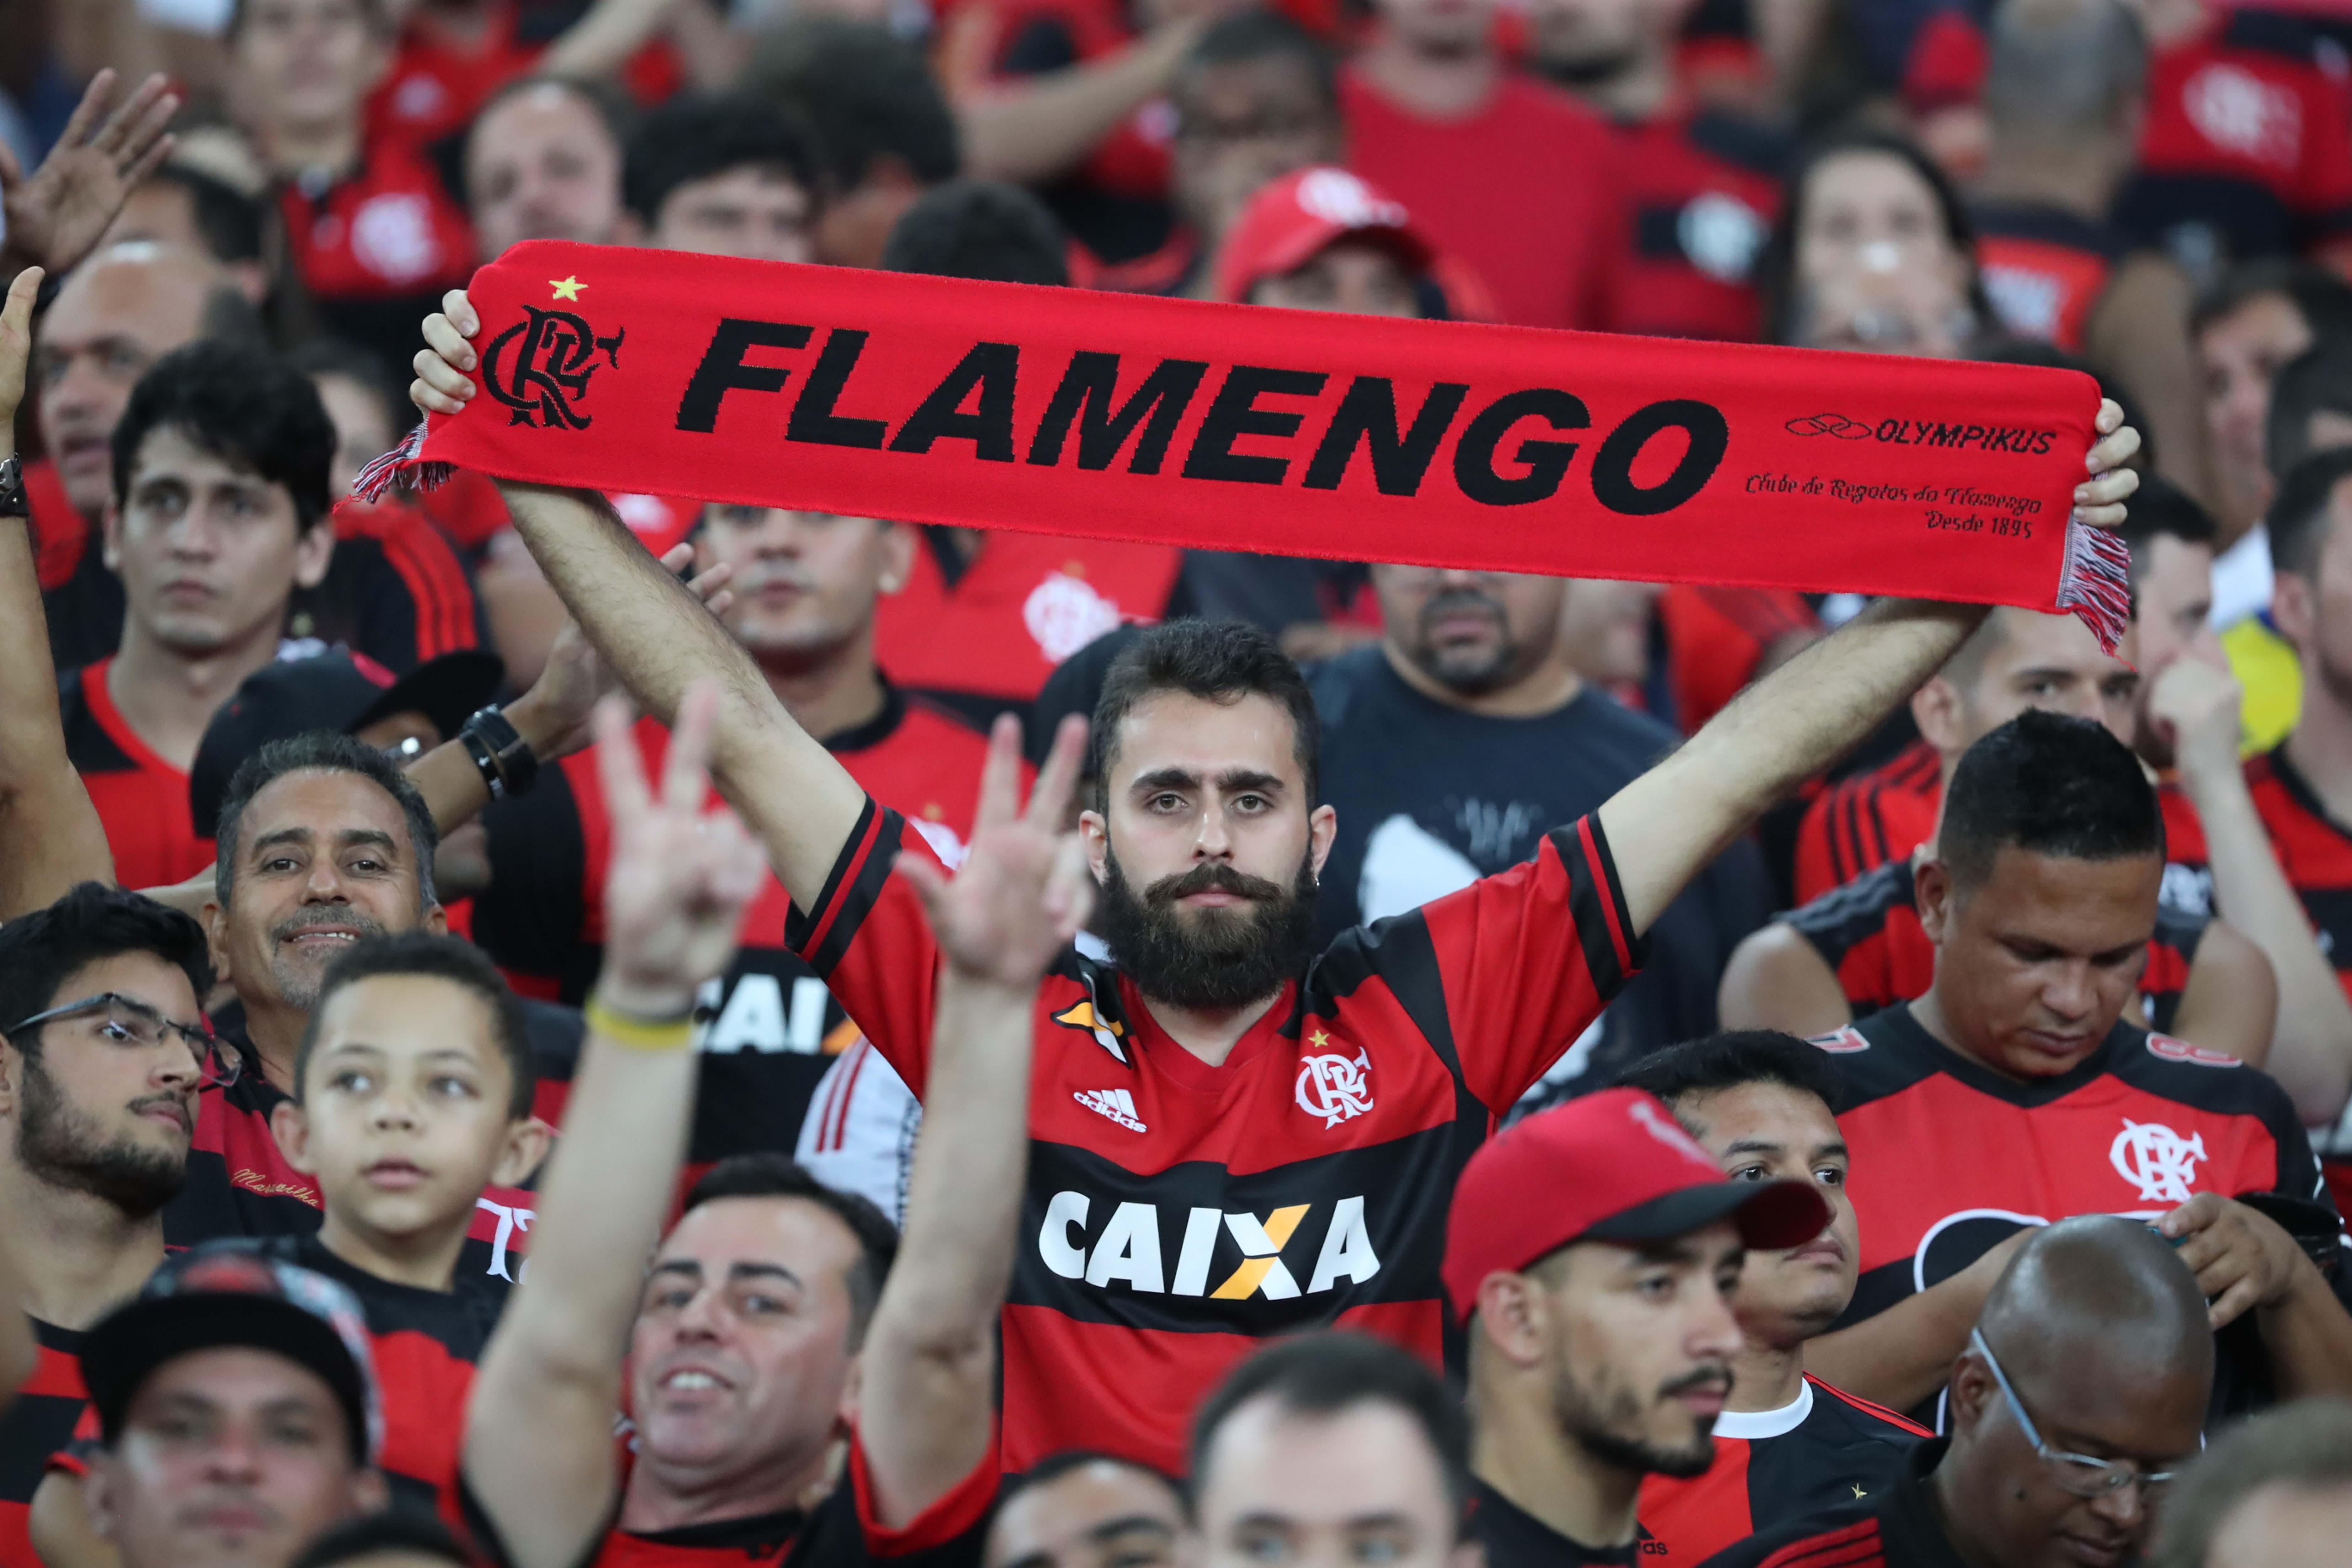 Flamengo Na Tv Saiba Quais Canais E Site Vão Mostrar Os